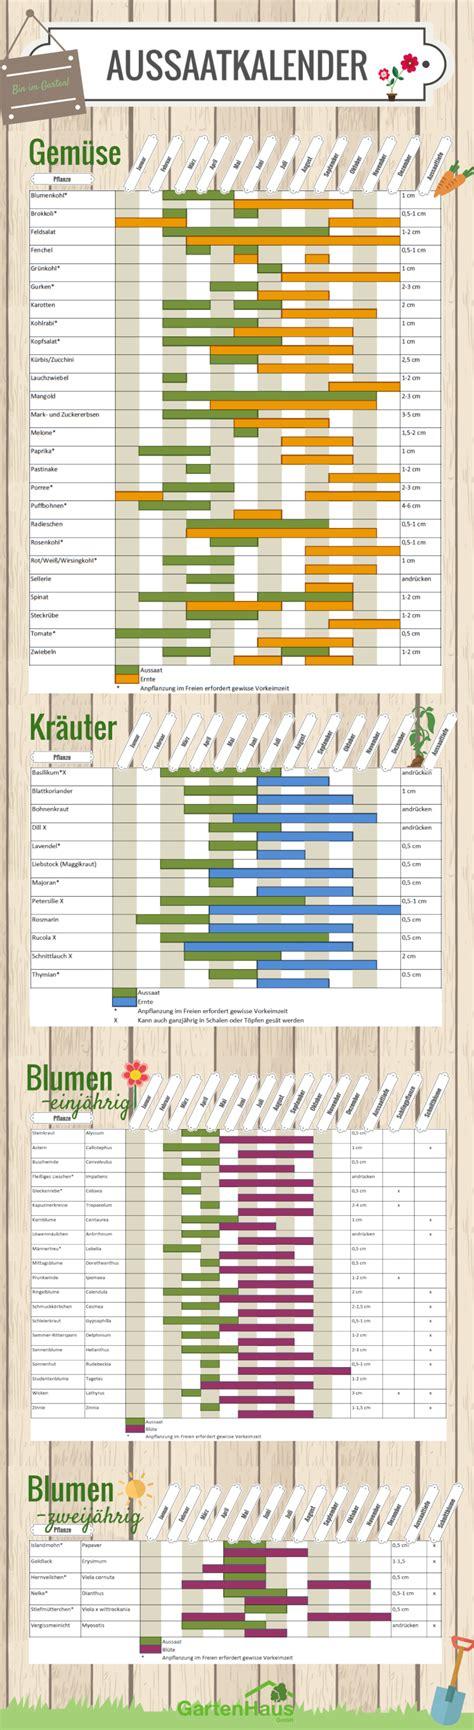 Aussaatkalender 2018 Was Müssen Sie Wann Pflanzen?